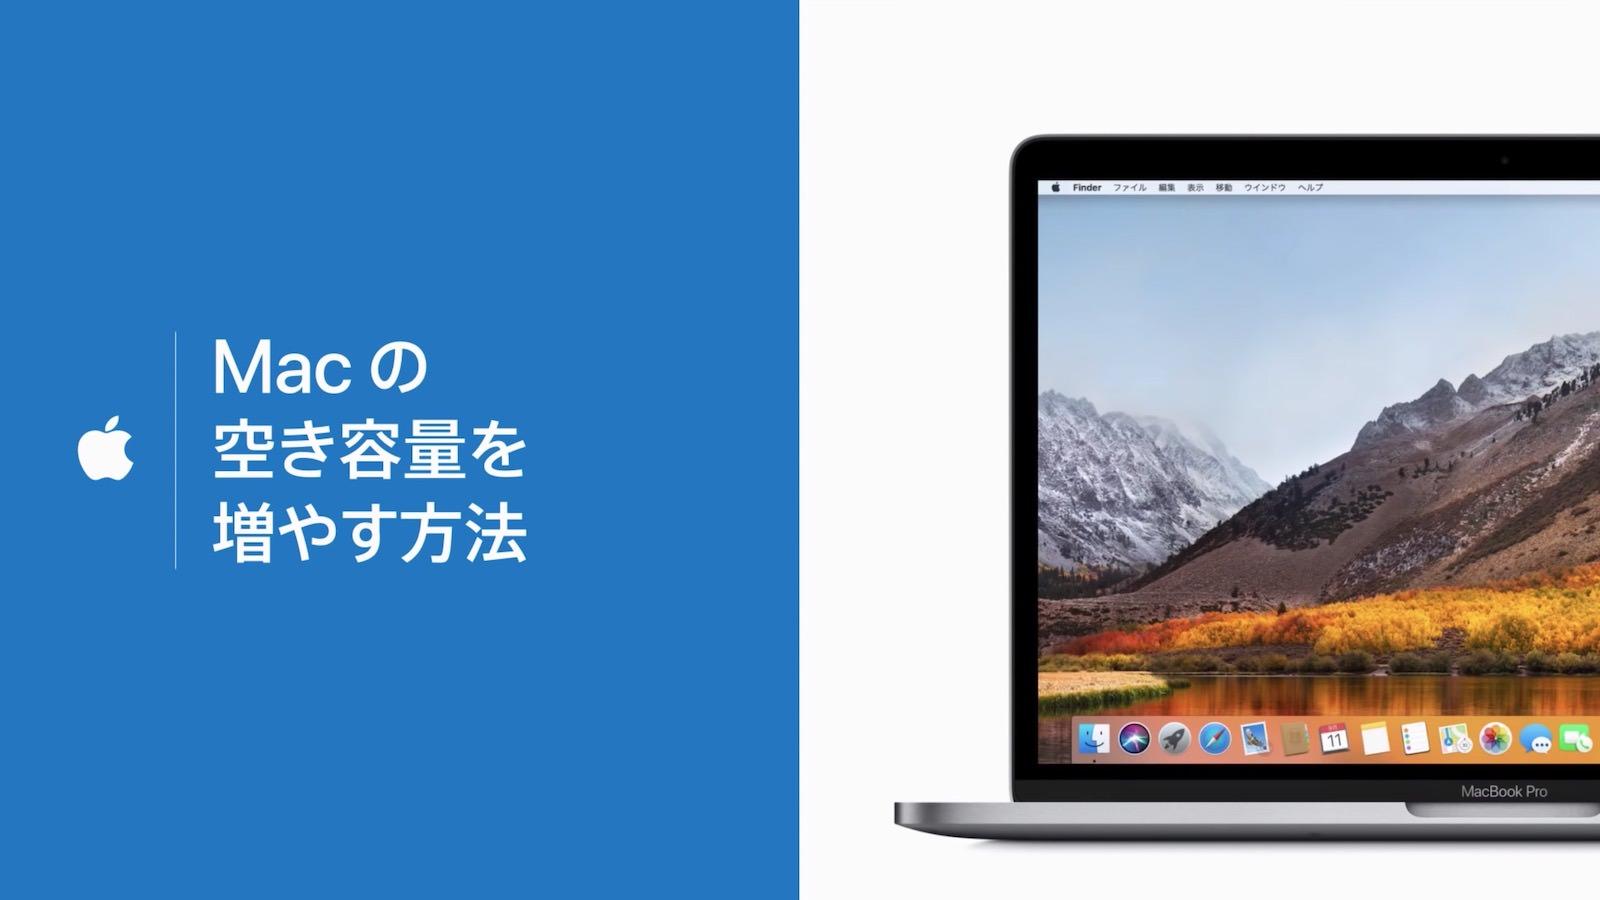 How to free mac os storage on mac